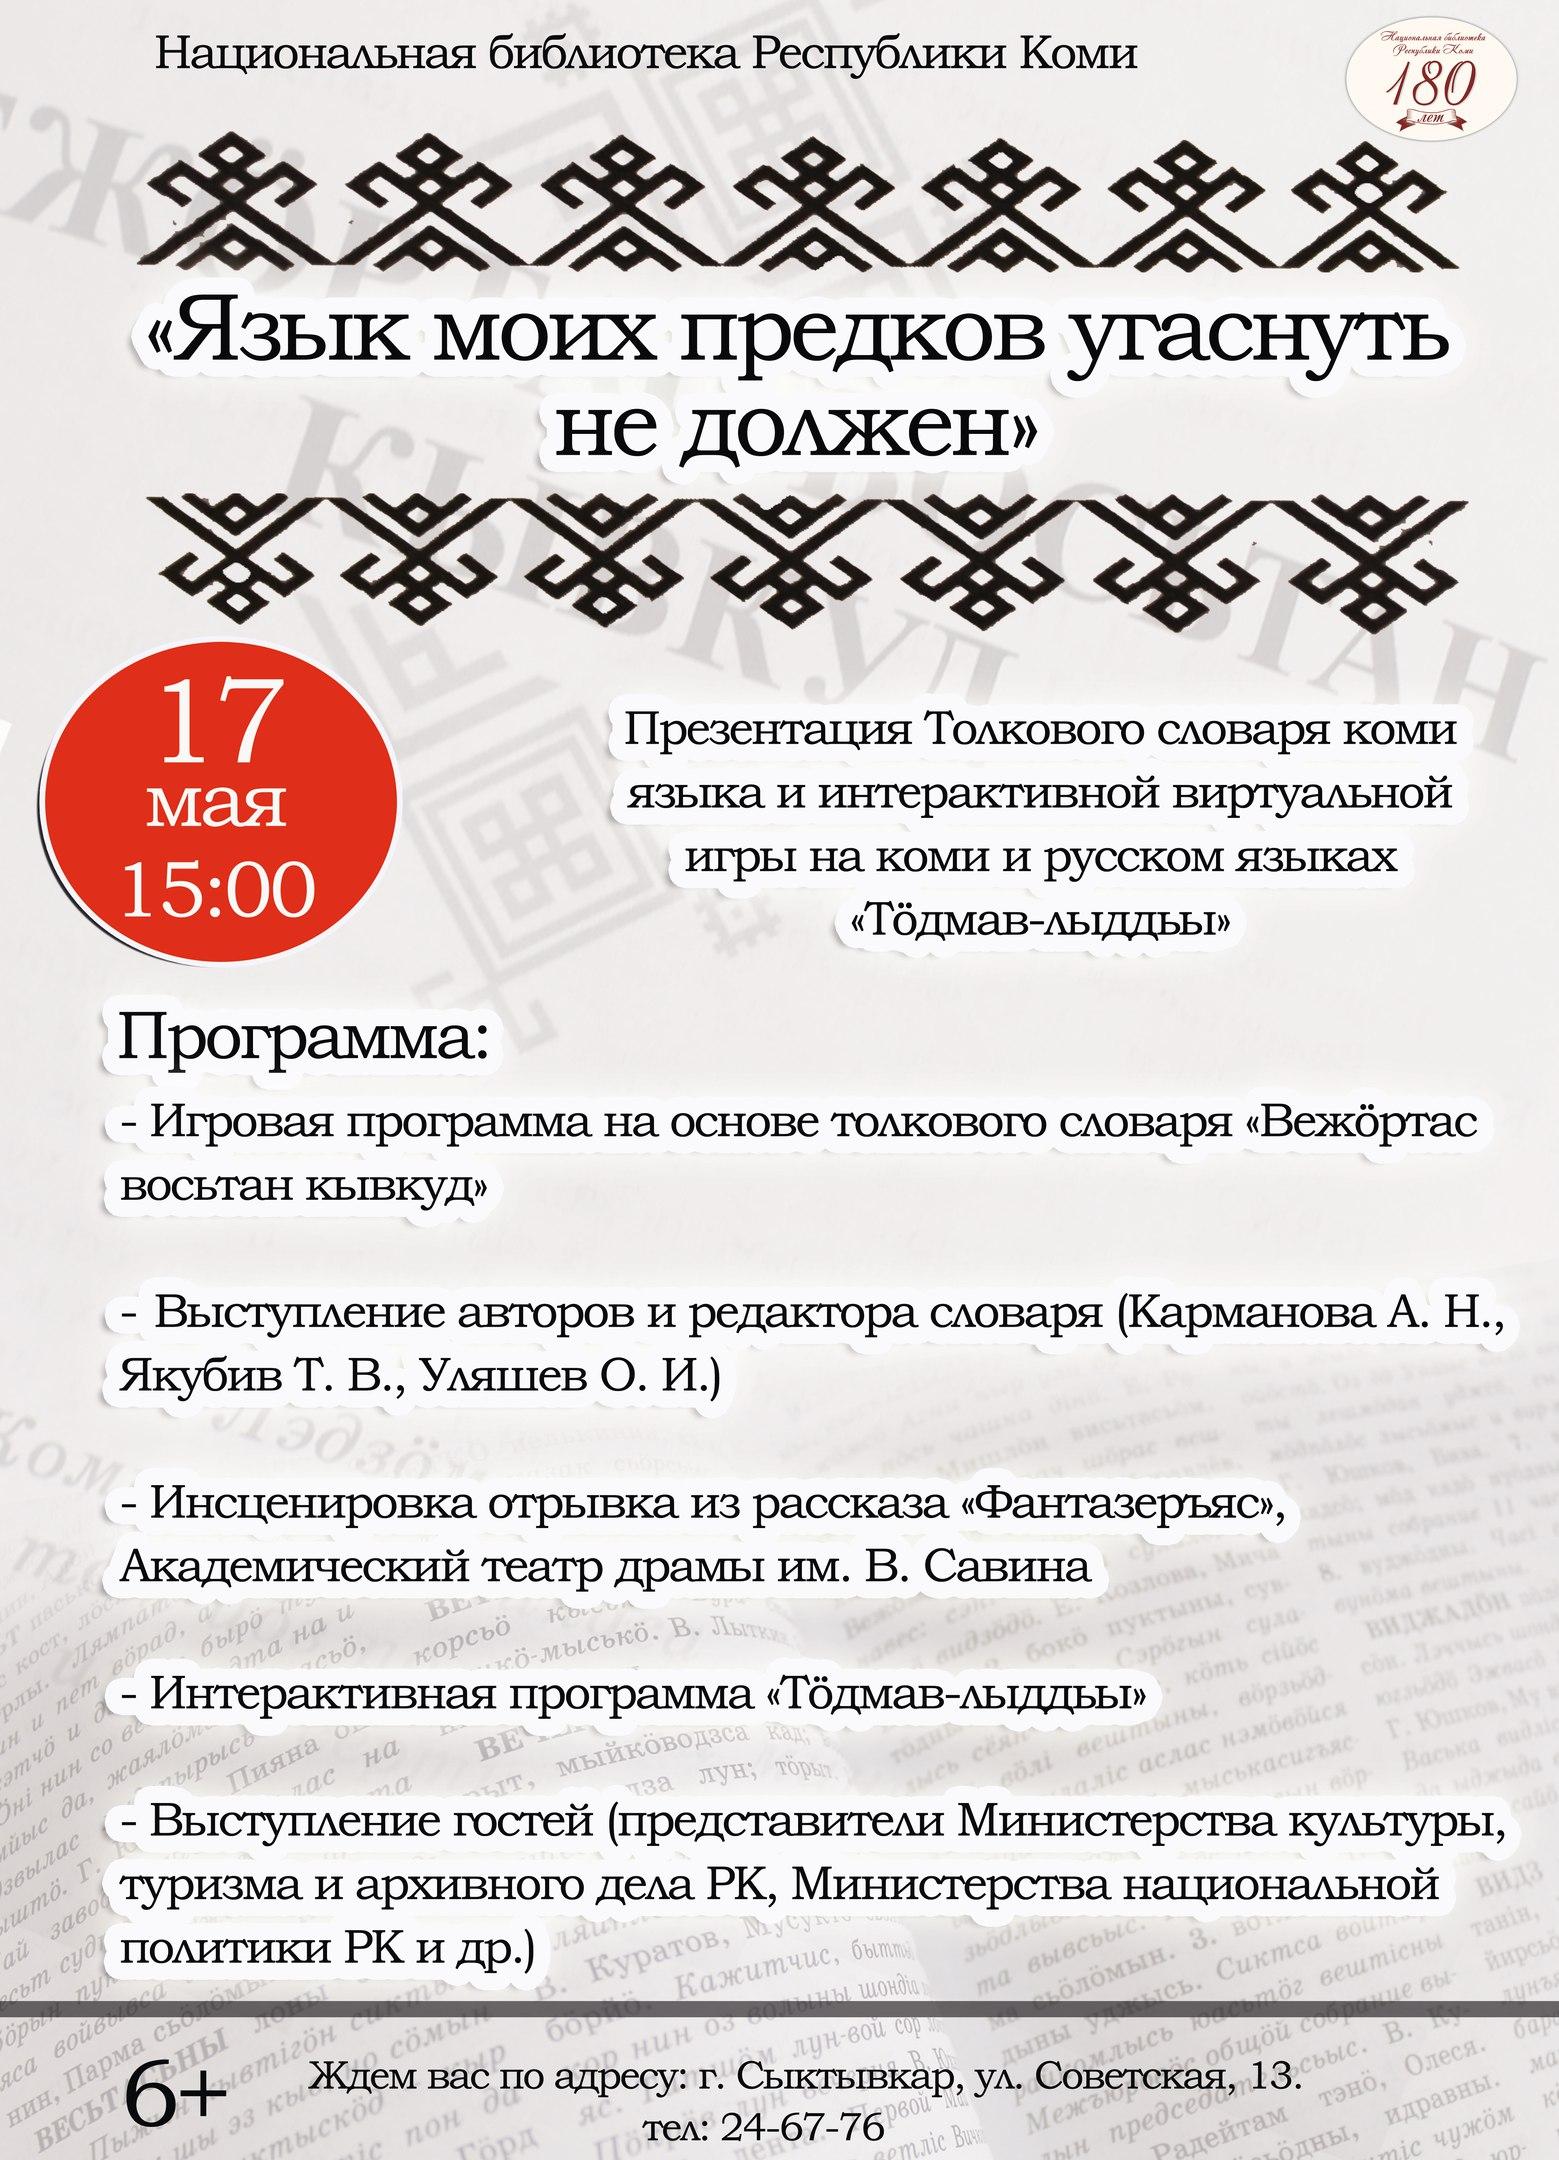 Стоимость билетов на самолет сыктывкар-москва на 13.02.2009 авиабилеты из екатеринбурга в адлер дешево